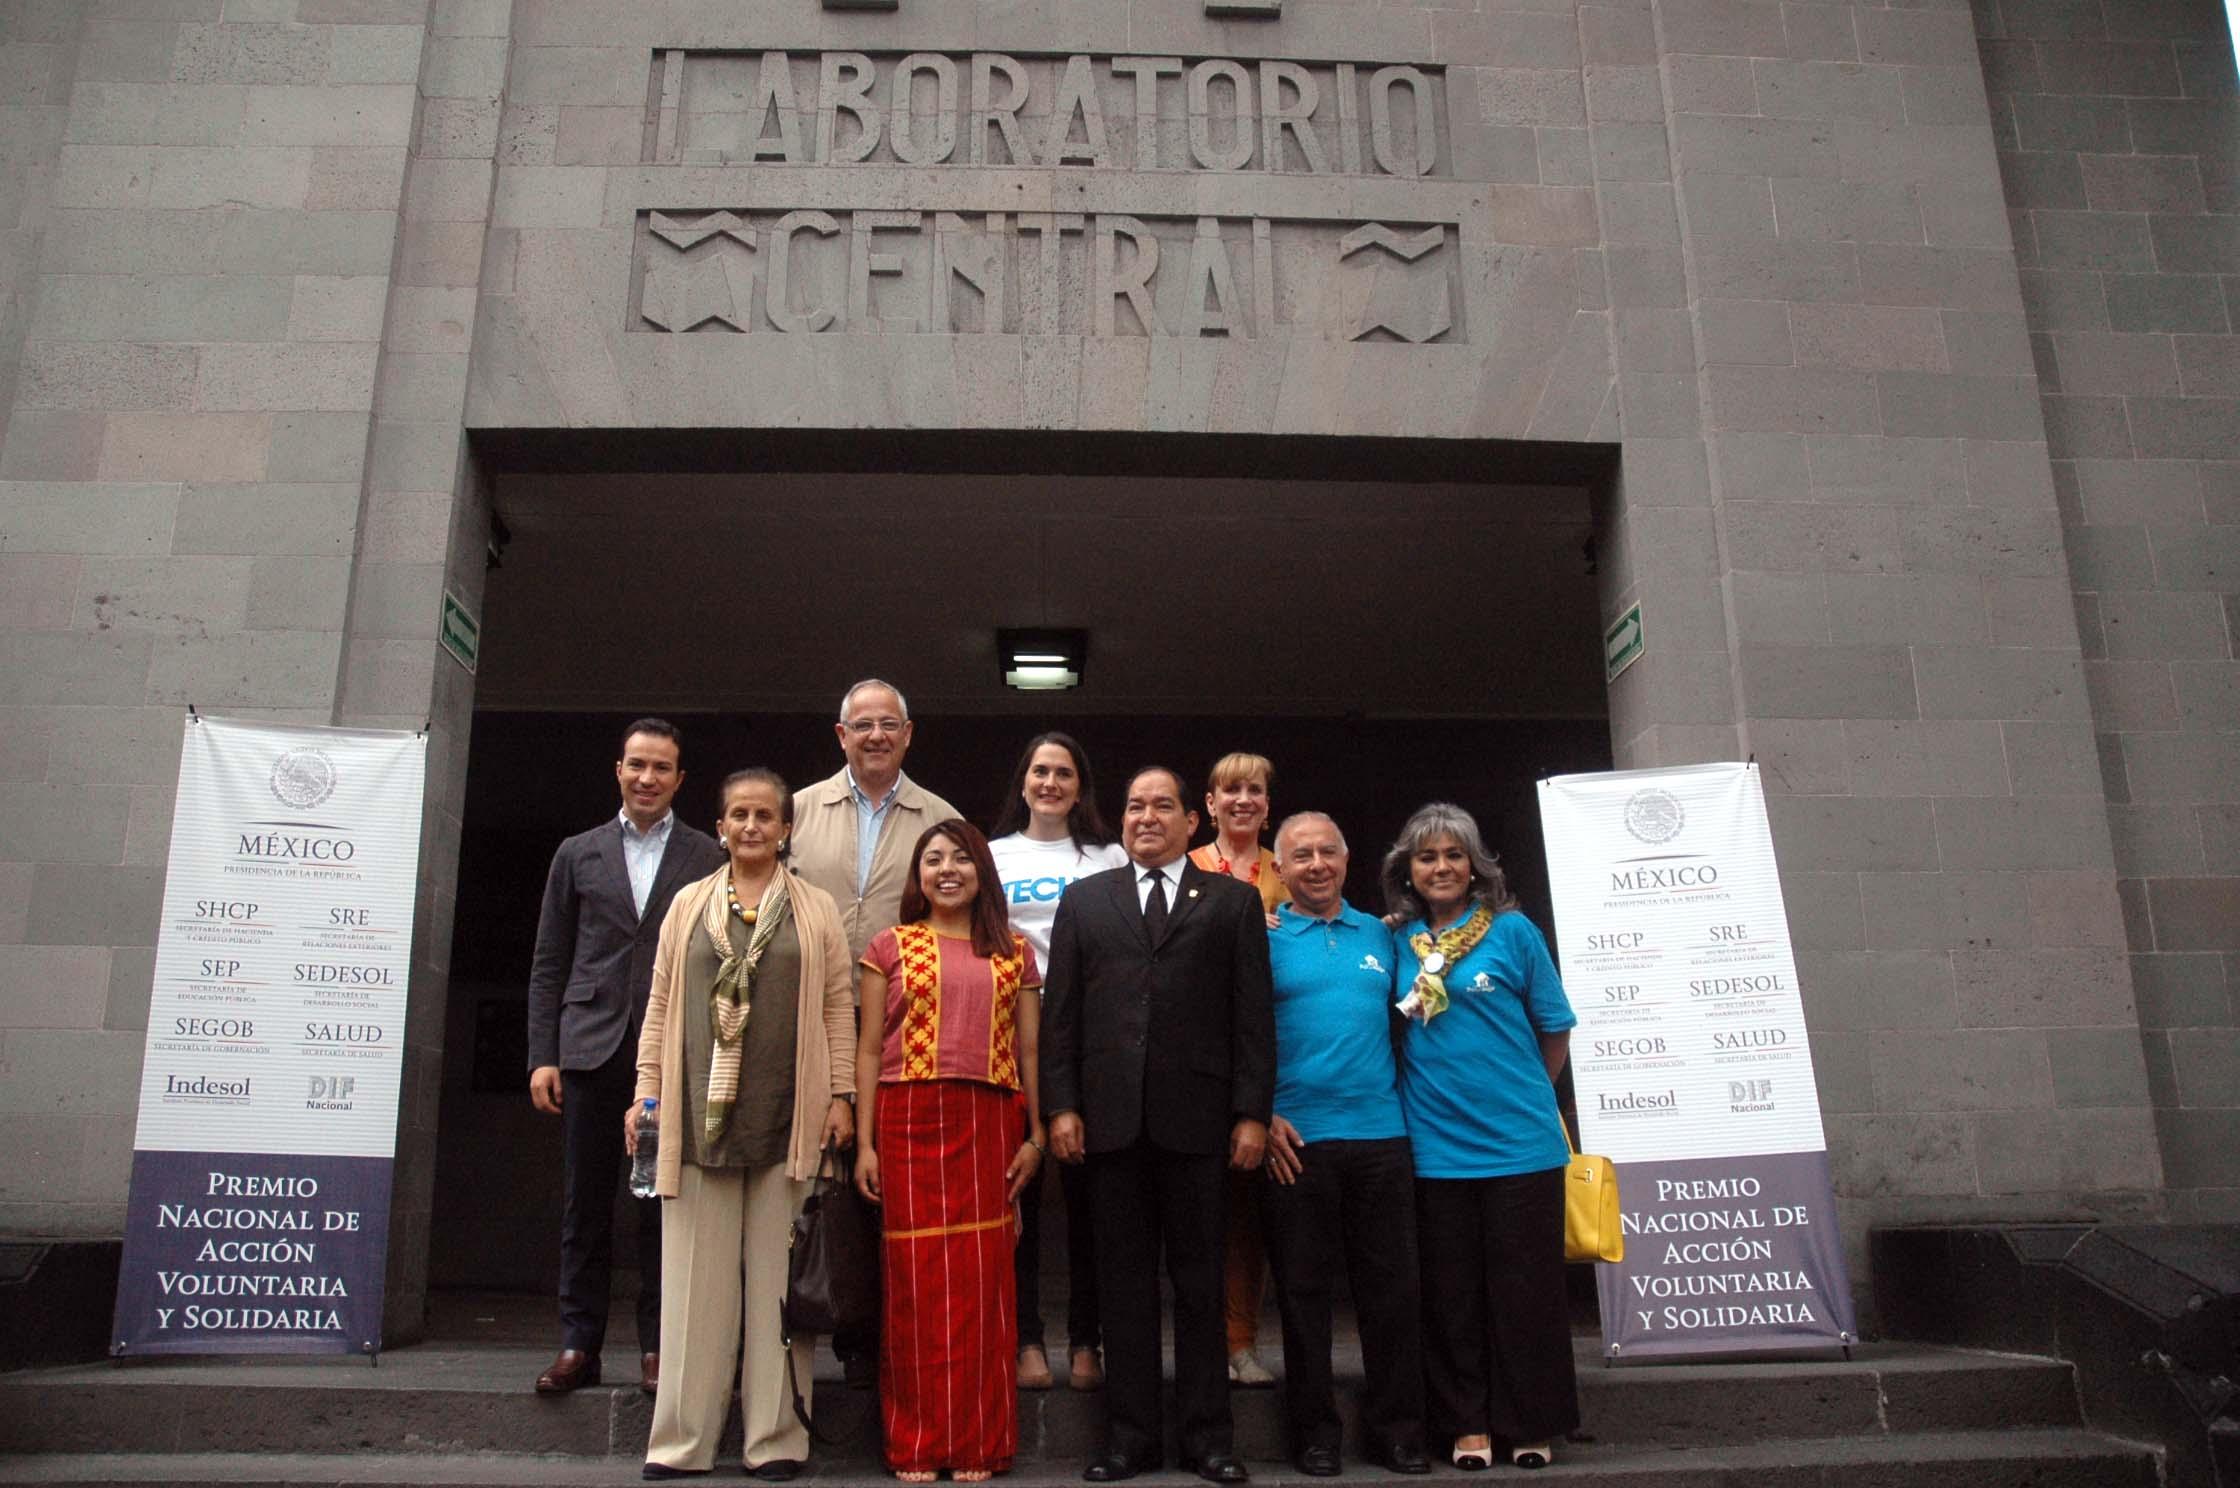 Premio Nacional de Acción Voluntaria y Solidaria 2015